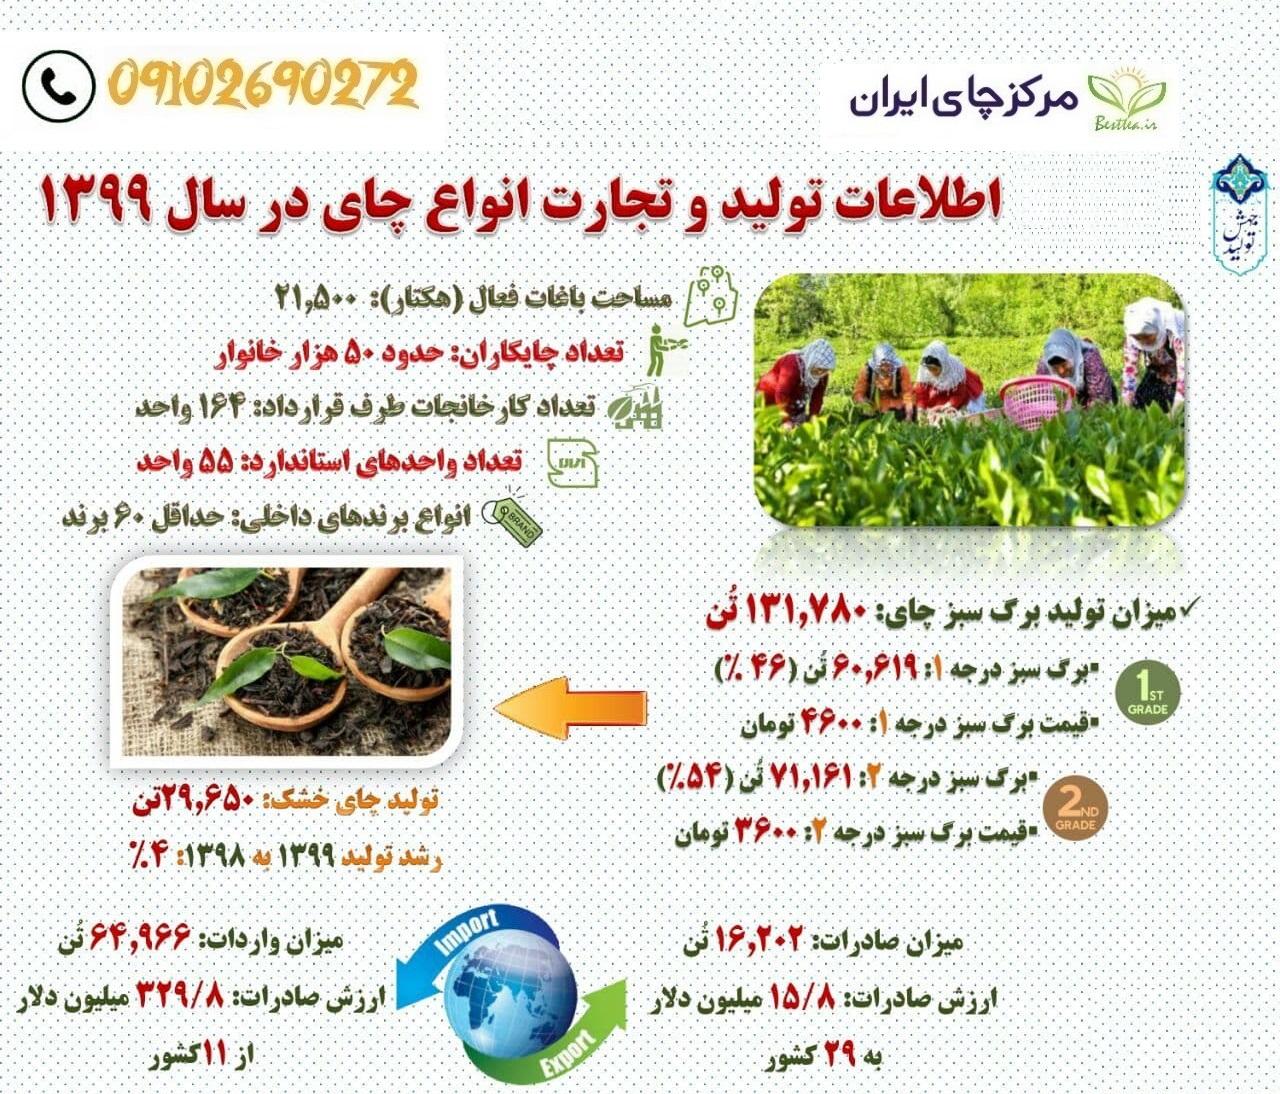 صادرات چای به عراق